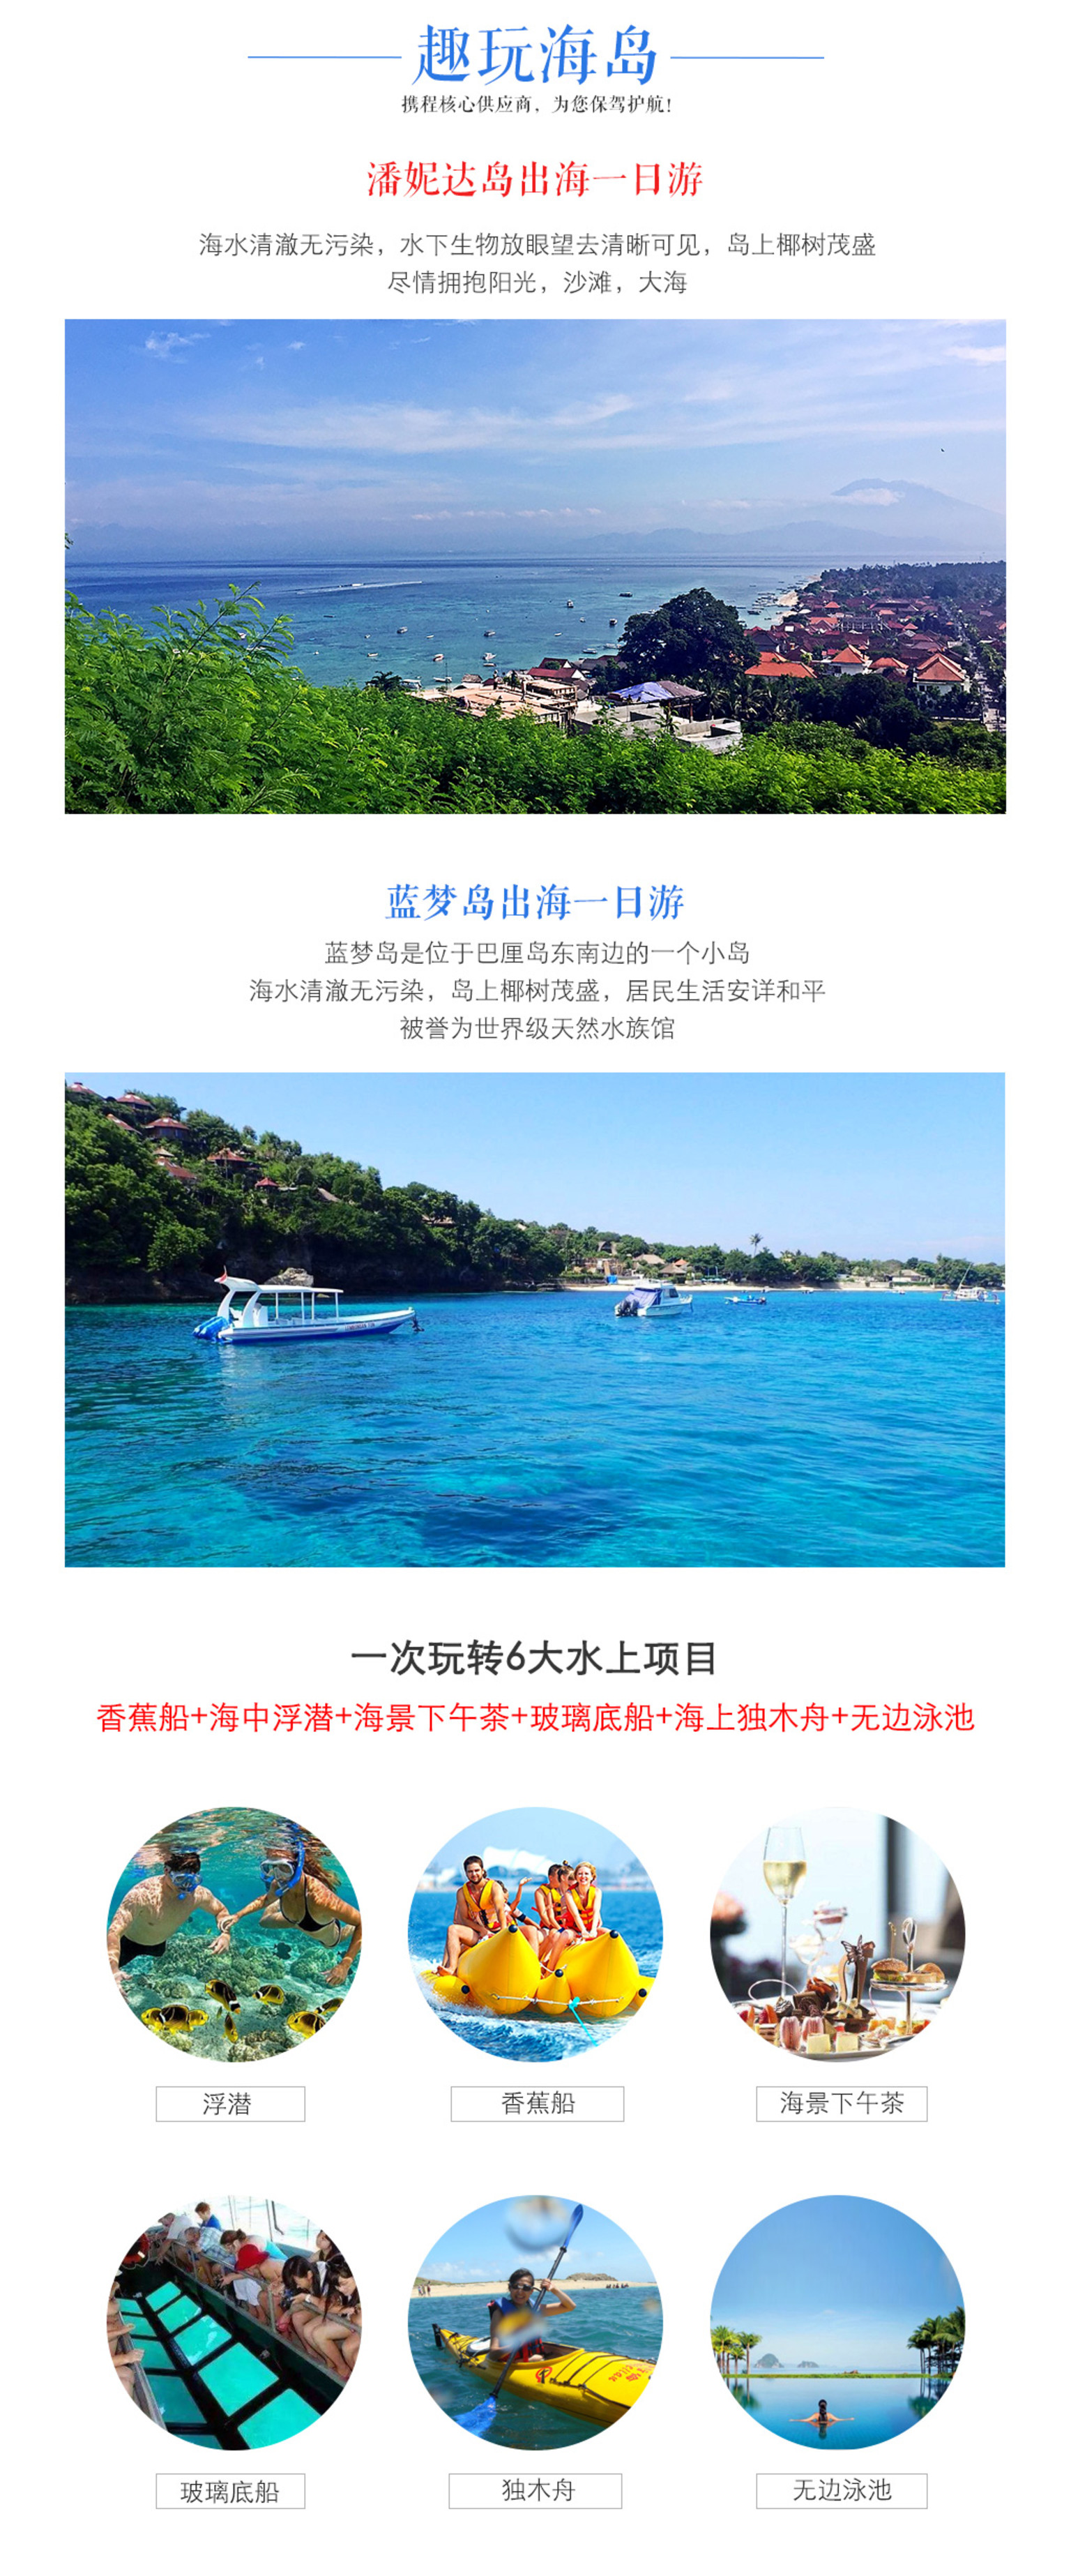 蓝梦岛&潘妮达出海离岛一日游 常用酒店介绍: 巴利岛万豪傲途格斯通精